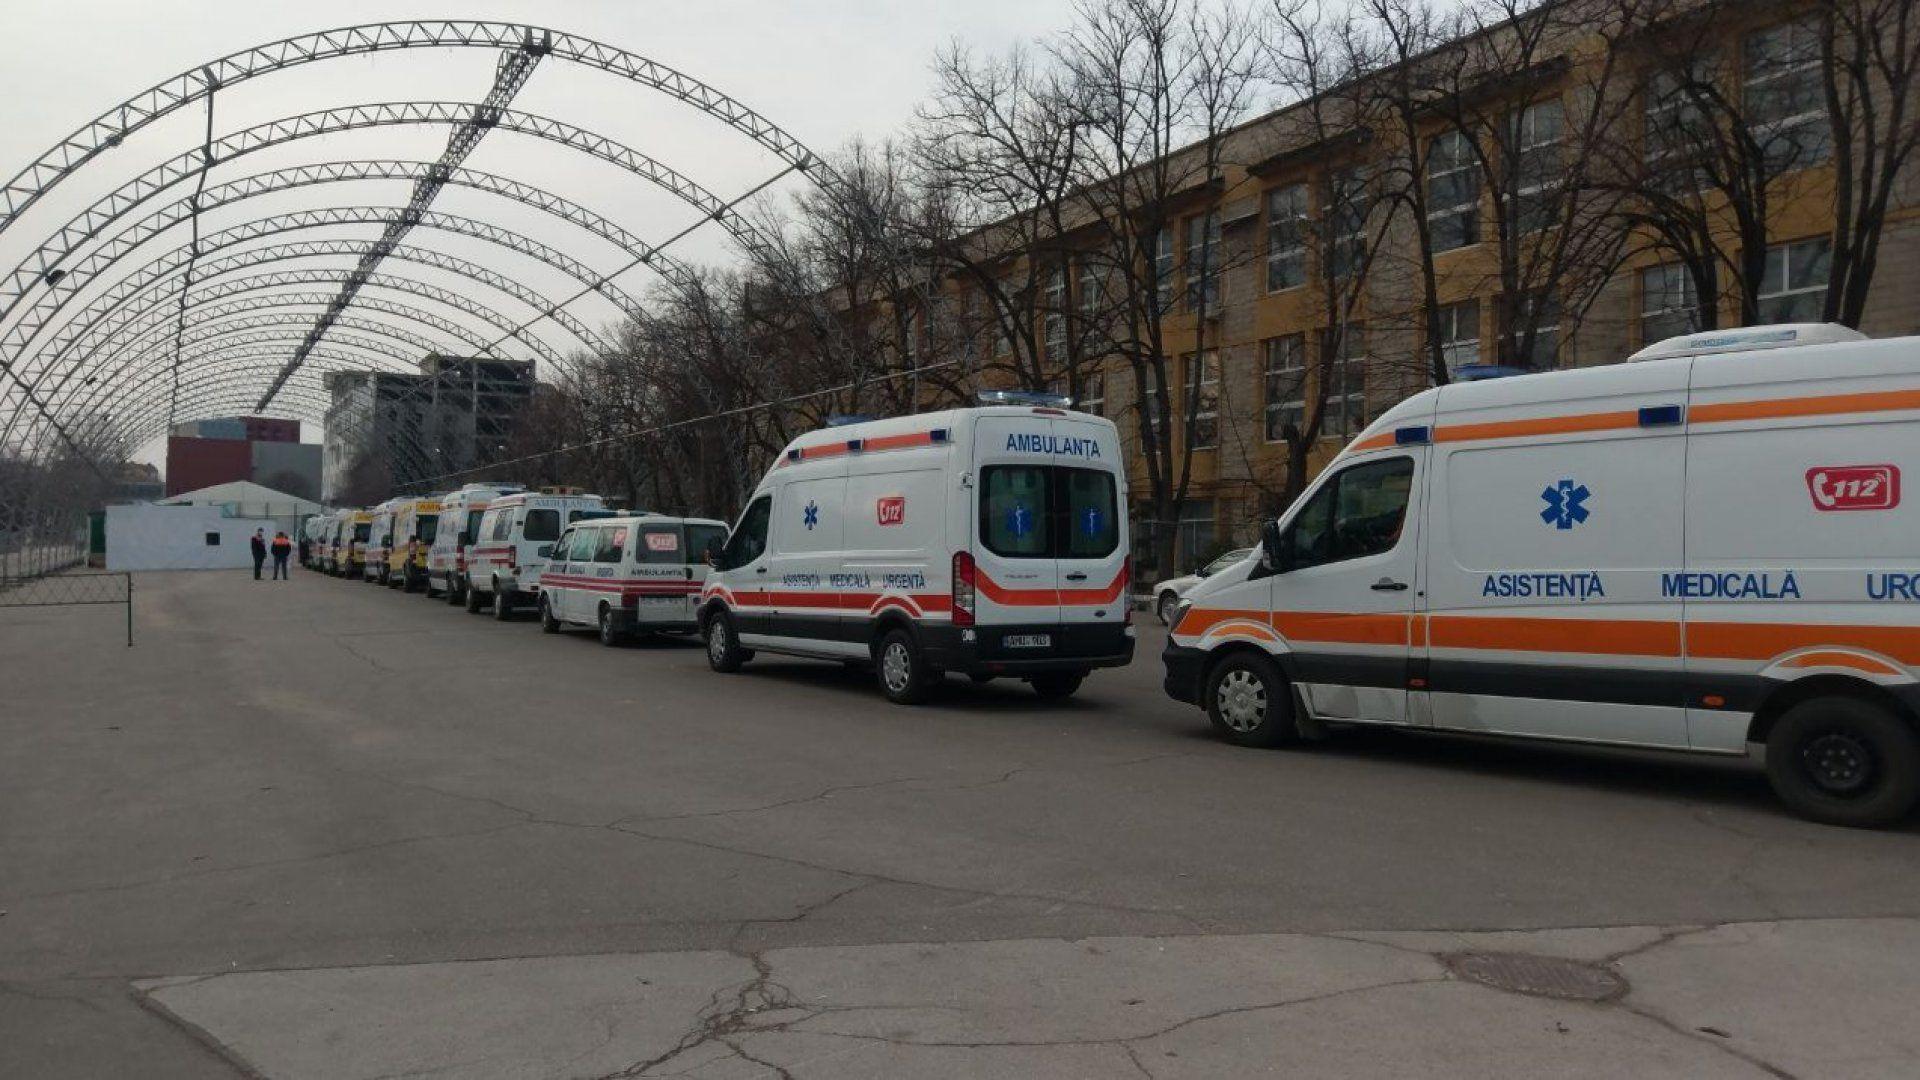 Кишинёв во власти коронавируса: в больницах увеличивают число мест для пациентов с COVID-19